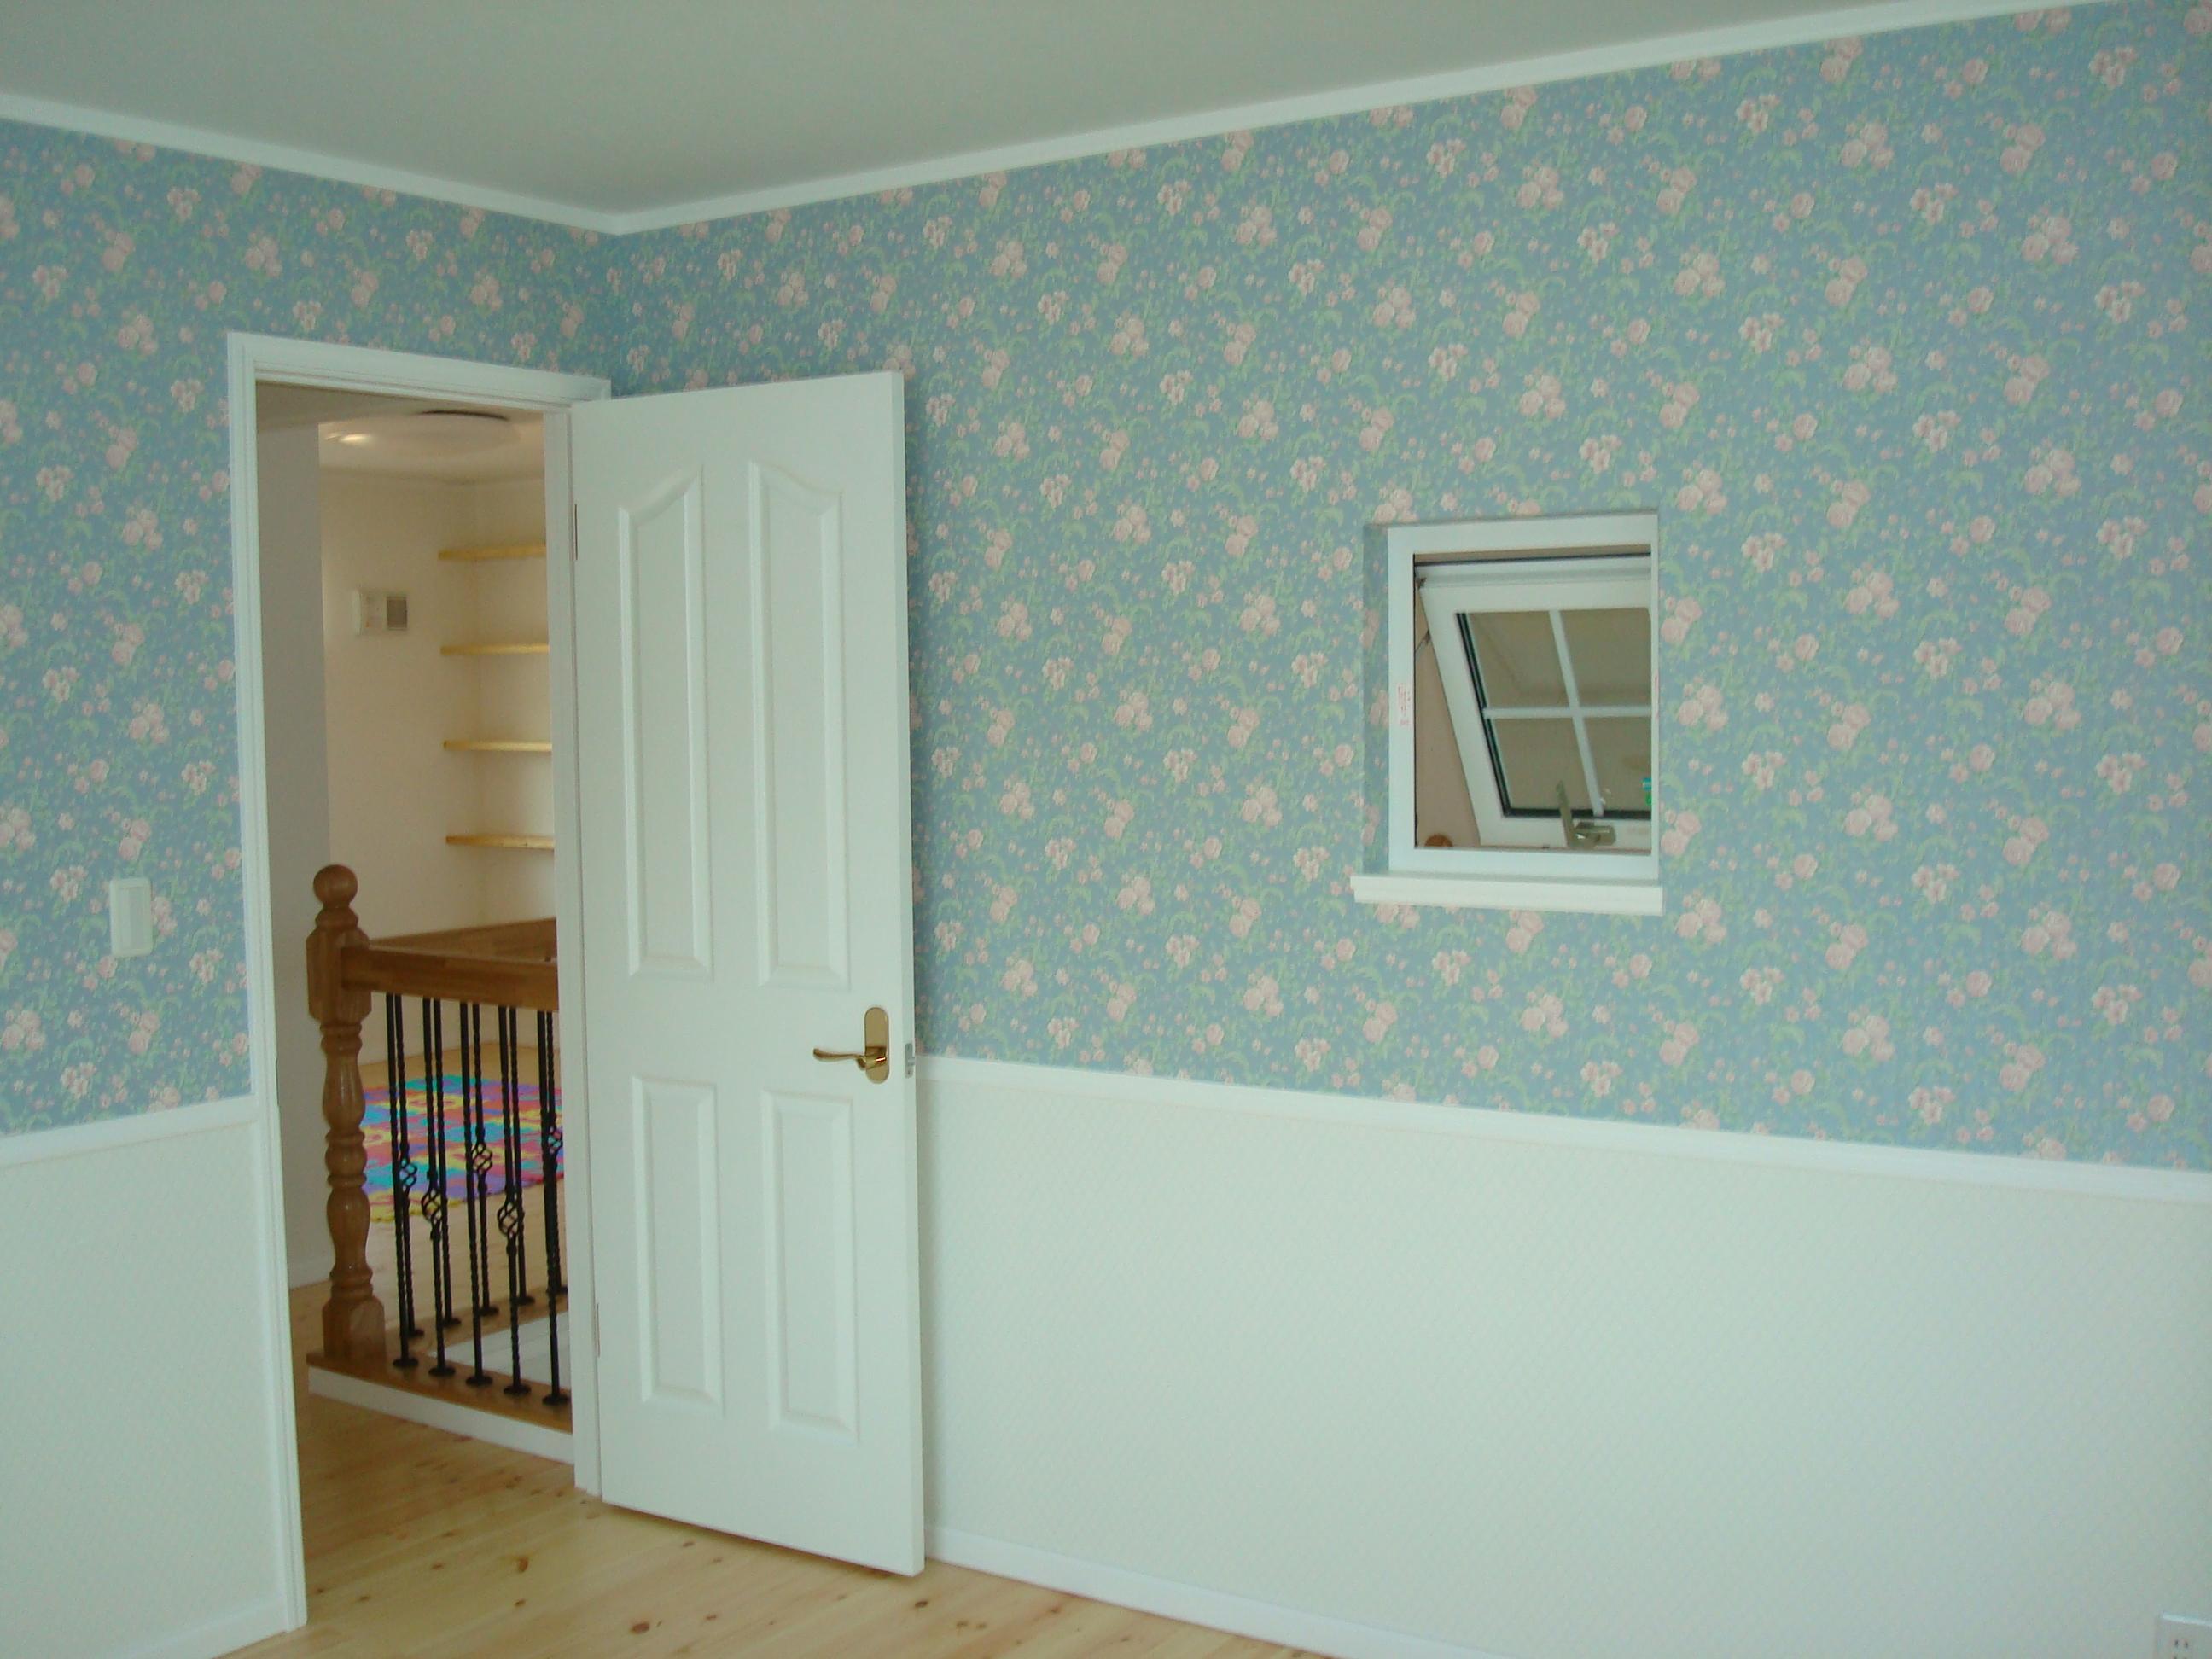 さわやかなブルーの花柄クロスが素敵な主寝室